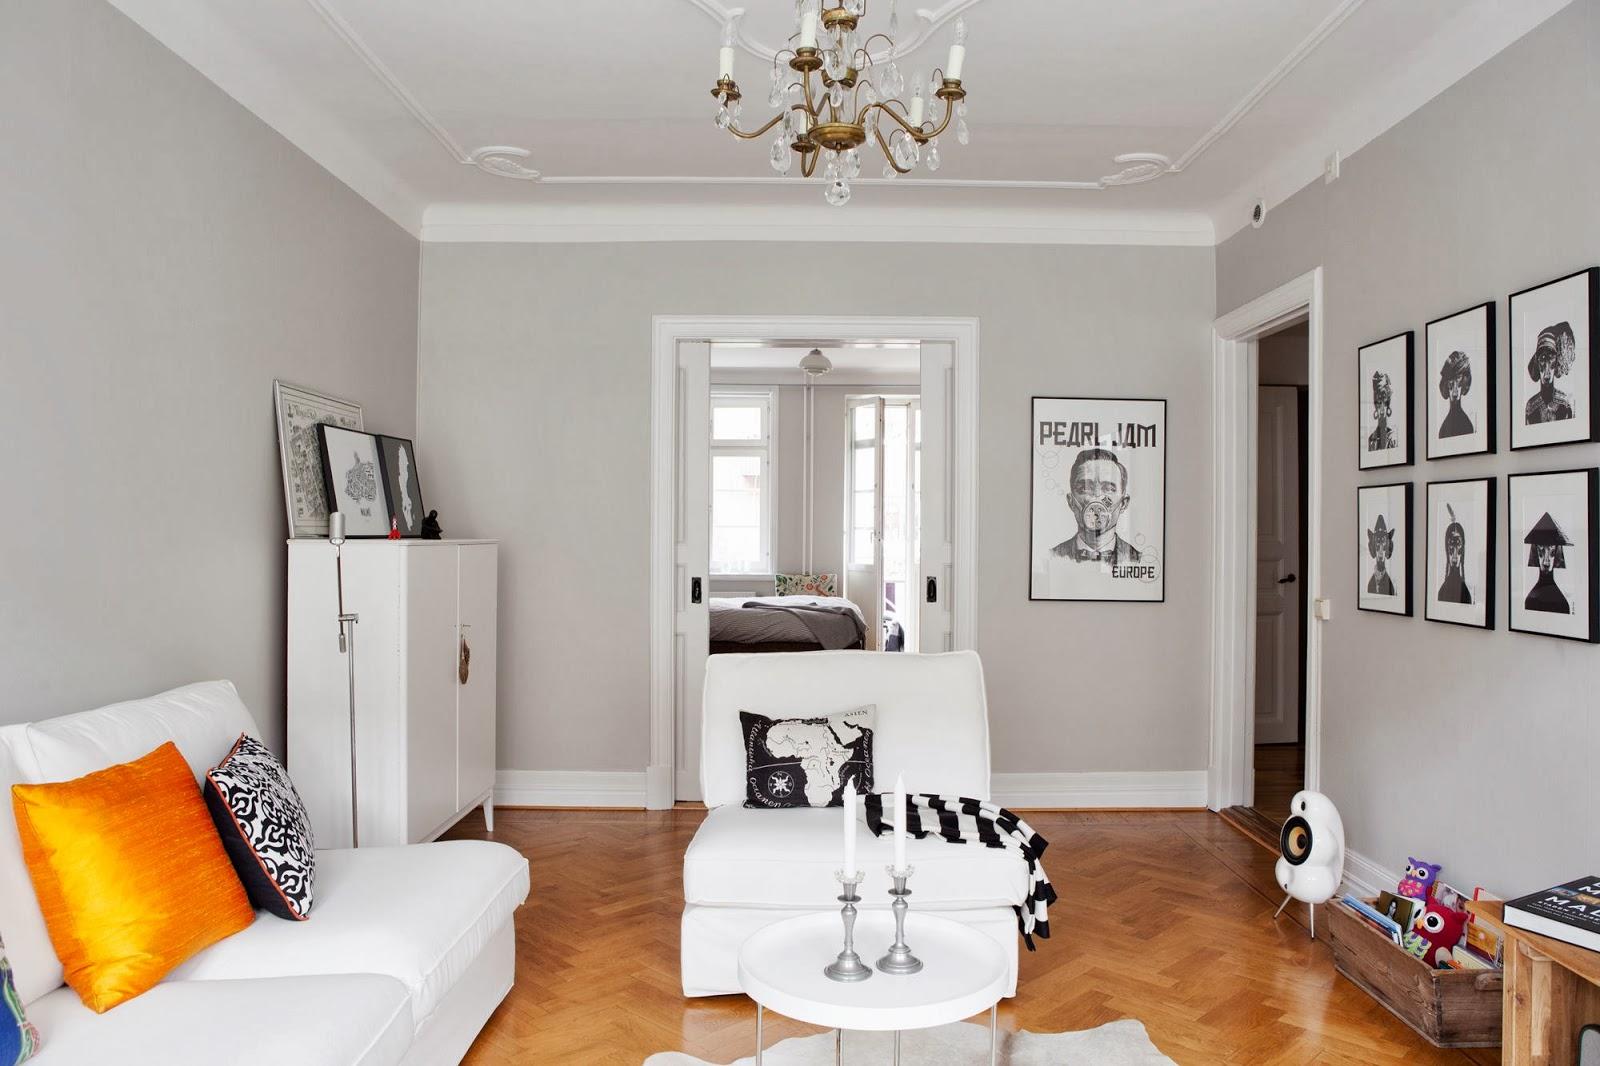 d couvrir l 39 endroit du d cor gris blanc tout simplement. Black Bedroom Furniture Sets. Home Design Ideas